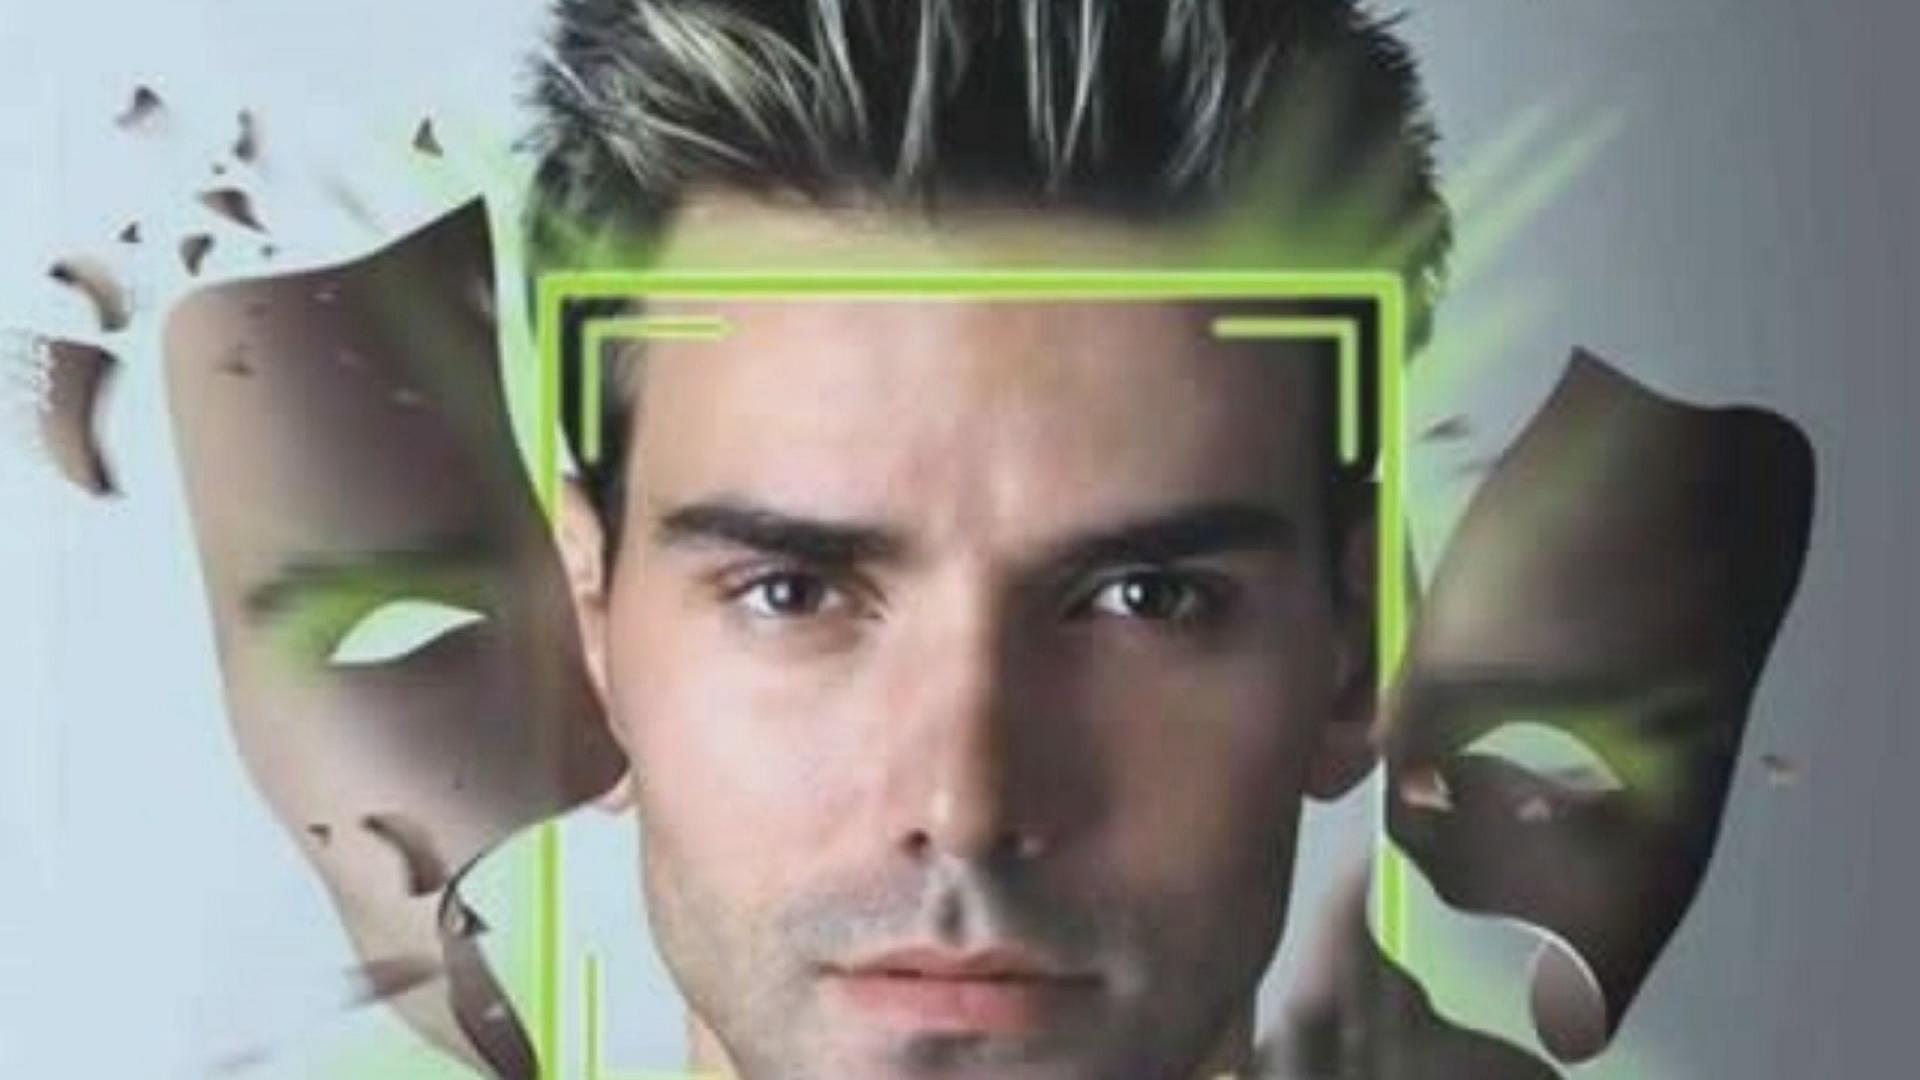 机器人已可黑暗中识别人脸:刷脸时代还会远吗